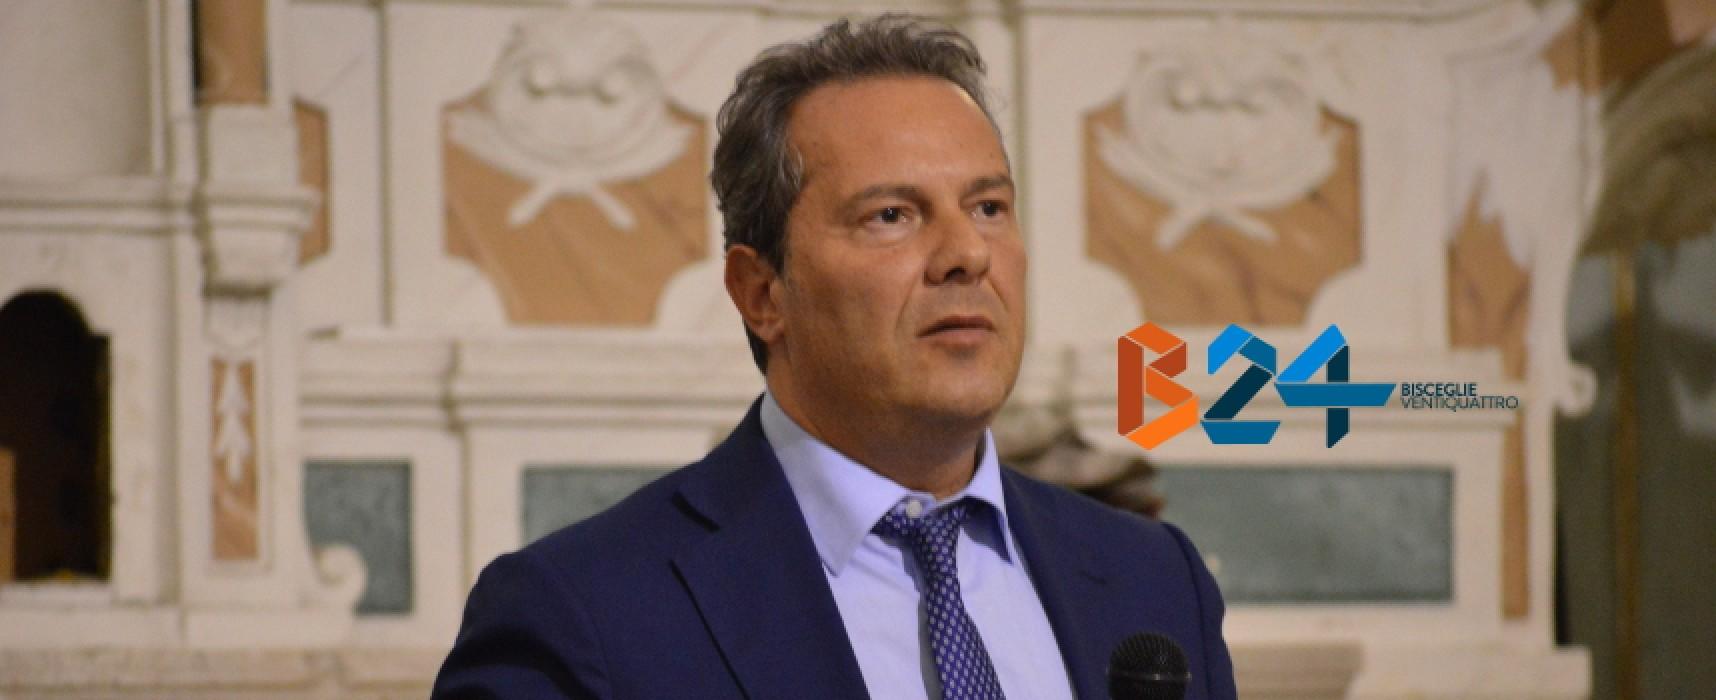 Il 25 luglio in consiglio comunale si discuterà l'incompatibilità del sindaco Spina